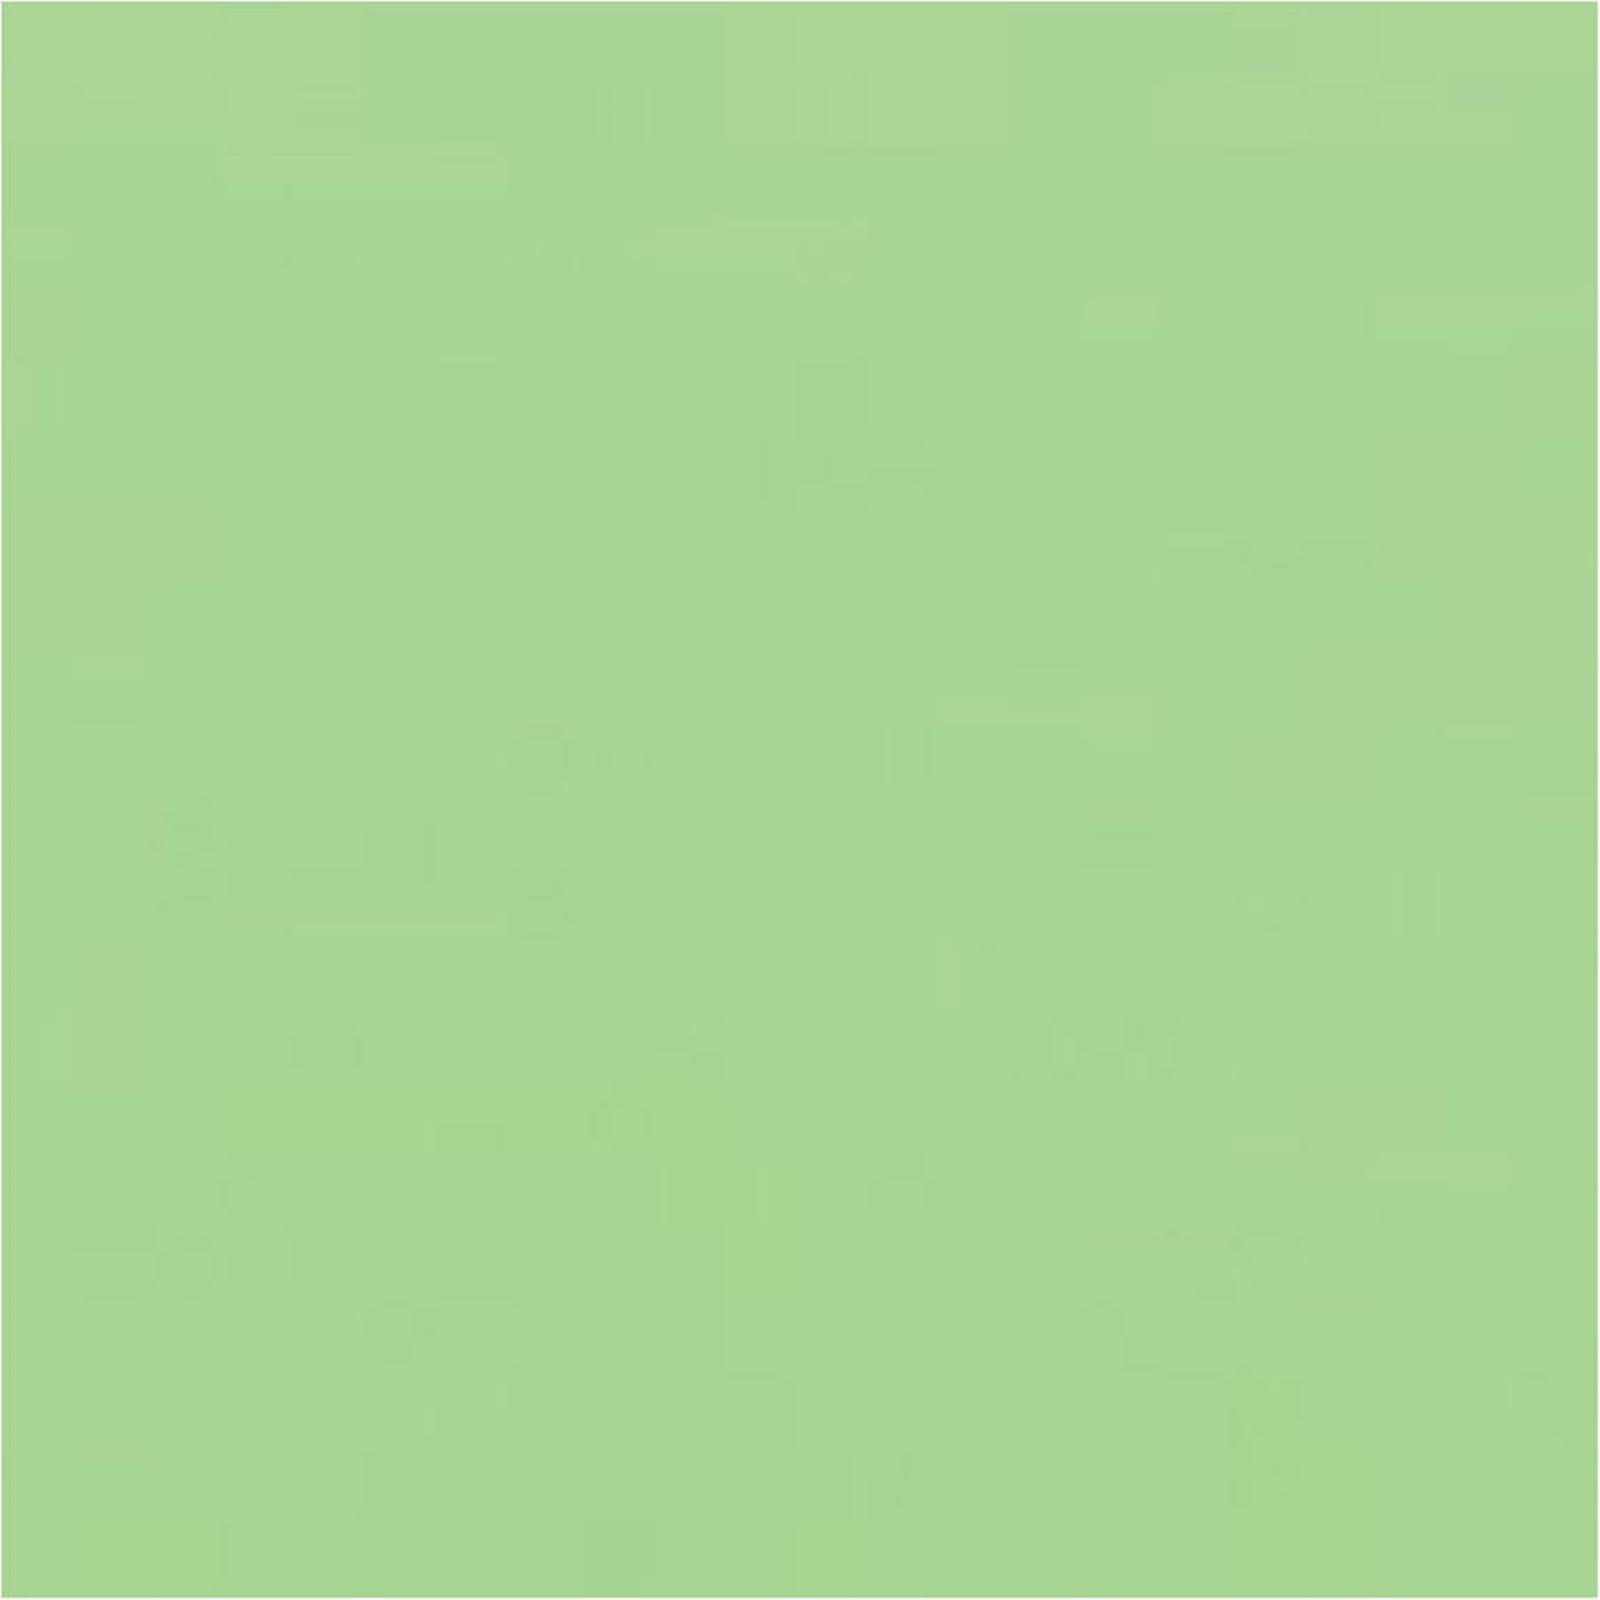 verde mojito